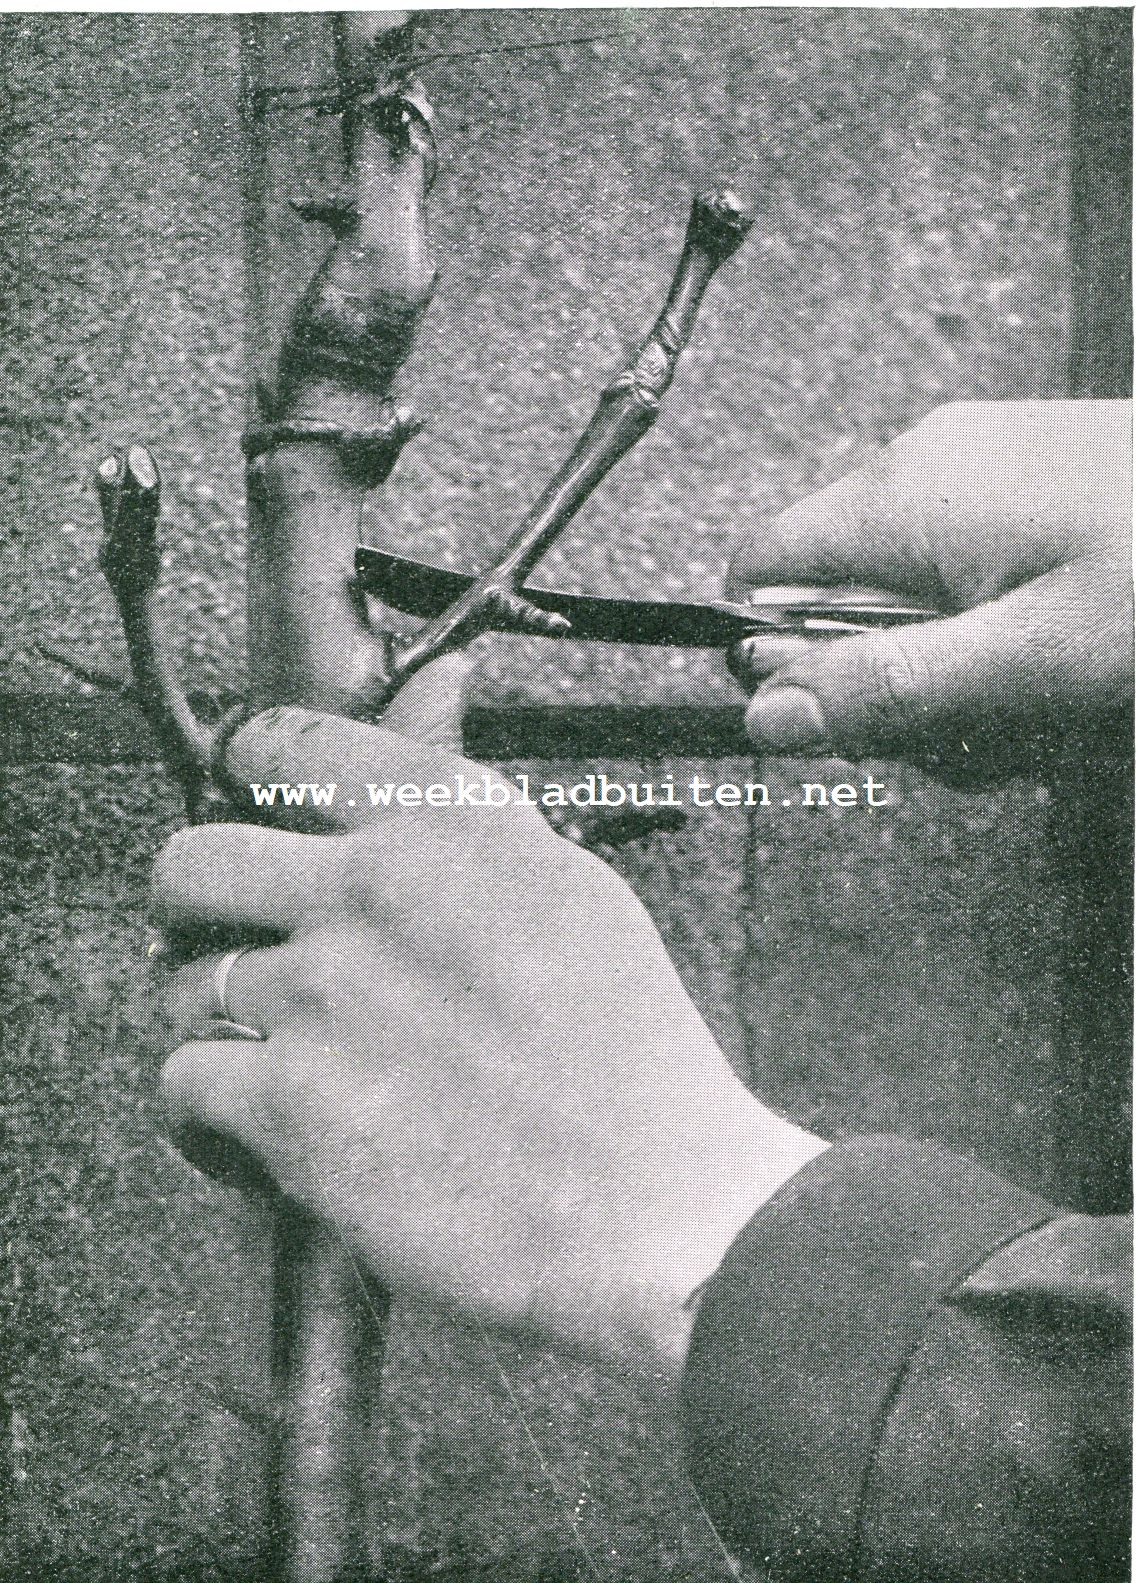 Hoe moet men het gereedschap gebruiken bij den boomsnoei. Hoe het snoeimes moet gehouden worden. Terwijl de linkerhand de tak onbeweeglijk vasthoudt, plaatse men de duim tegen het ondereinde van den af te snijden tak, neme het mes in de volle rechterhand en snijdt de tak in eens af, schuin naar boven